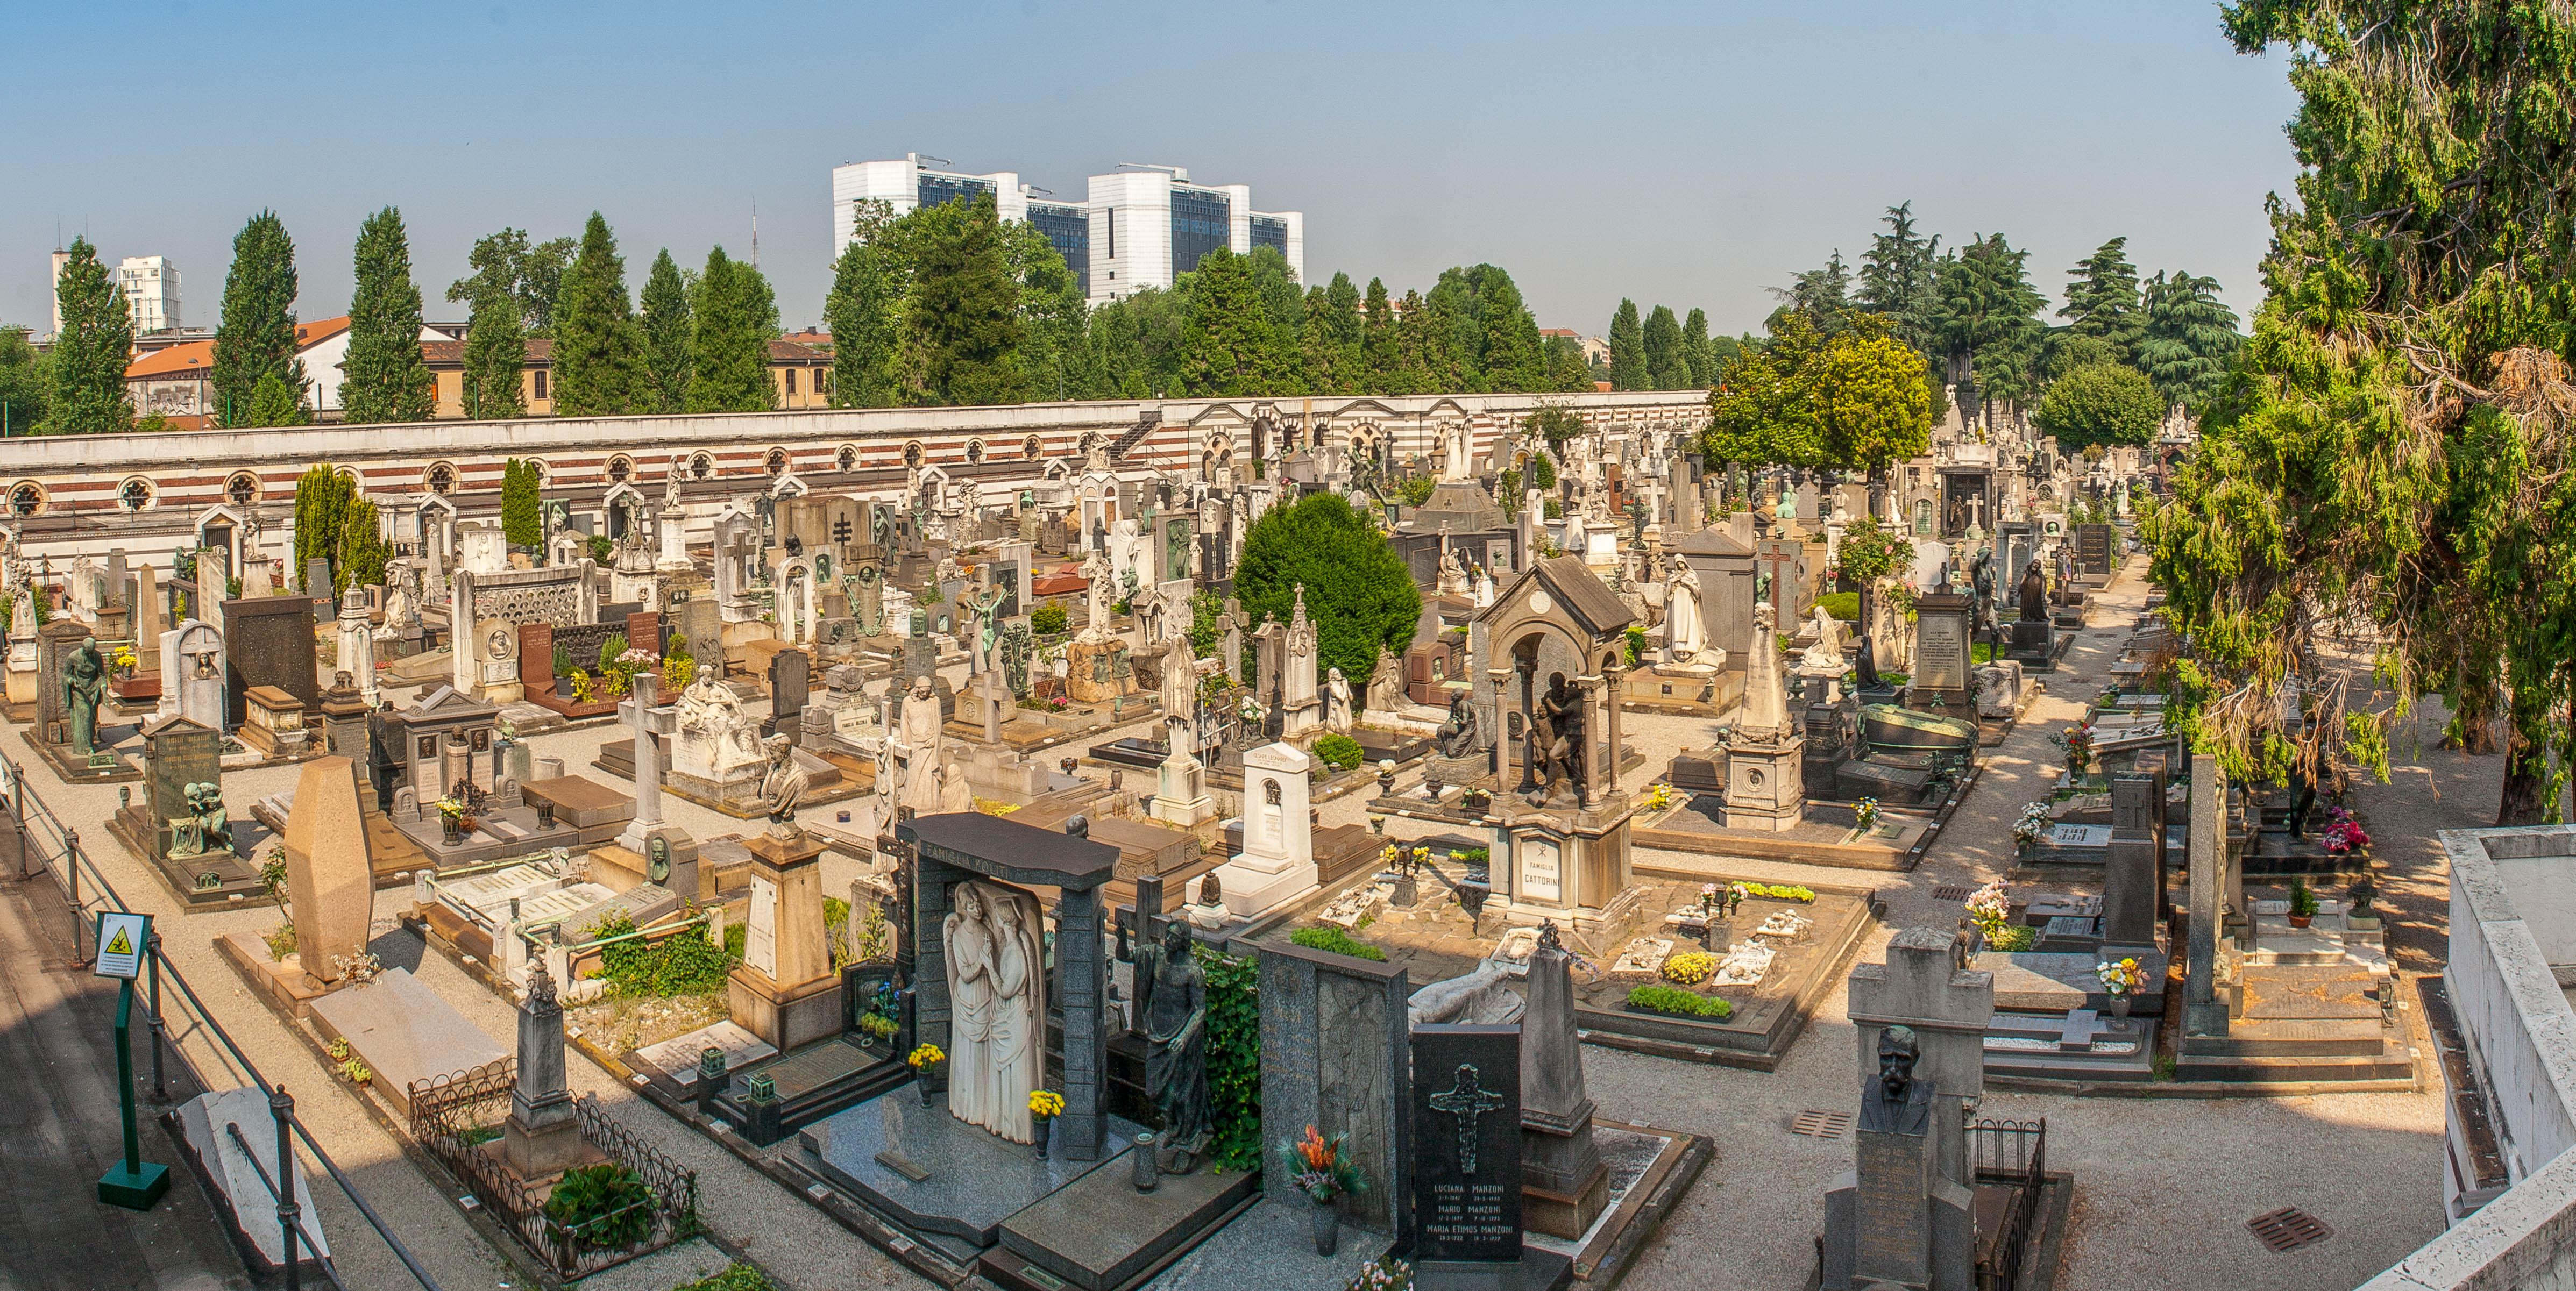 Cimetero Monumentale